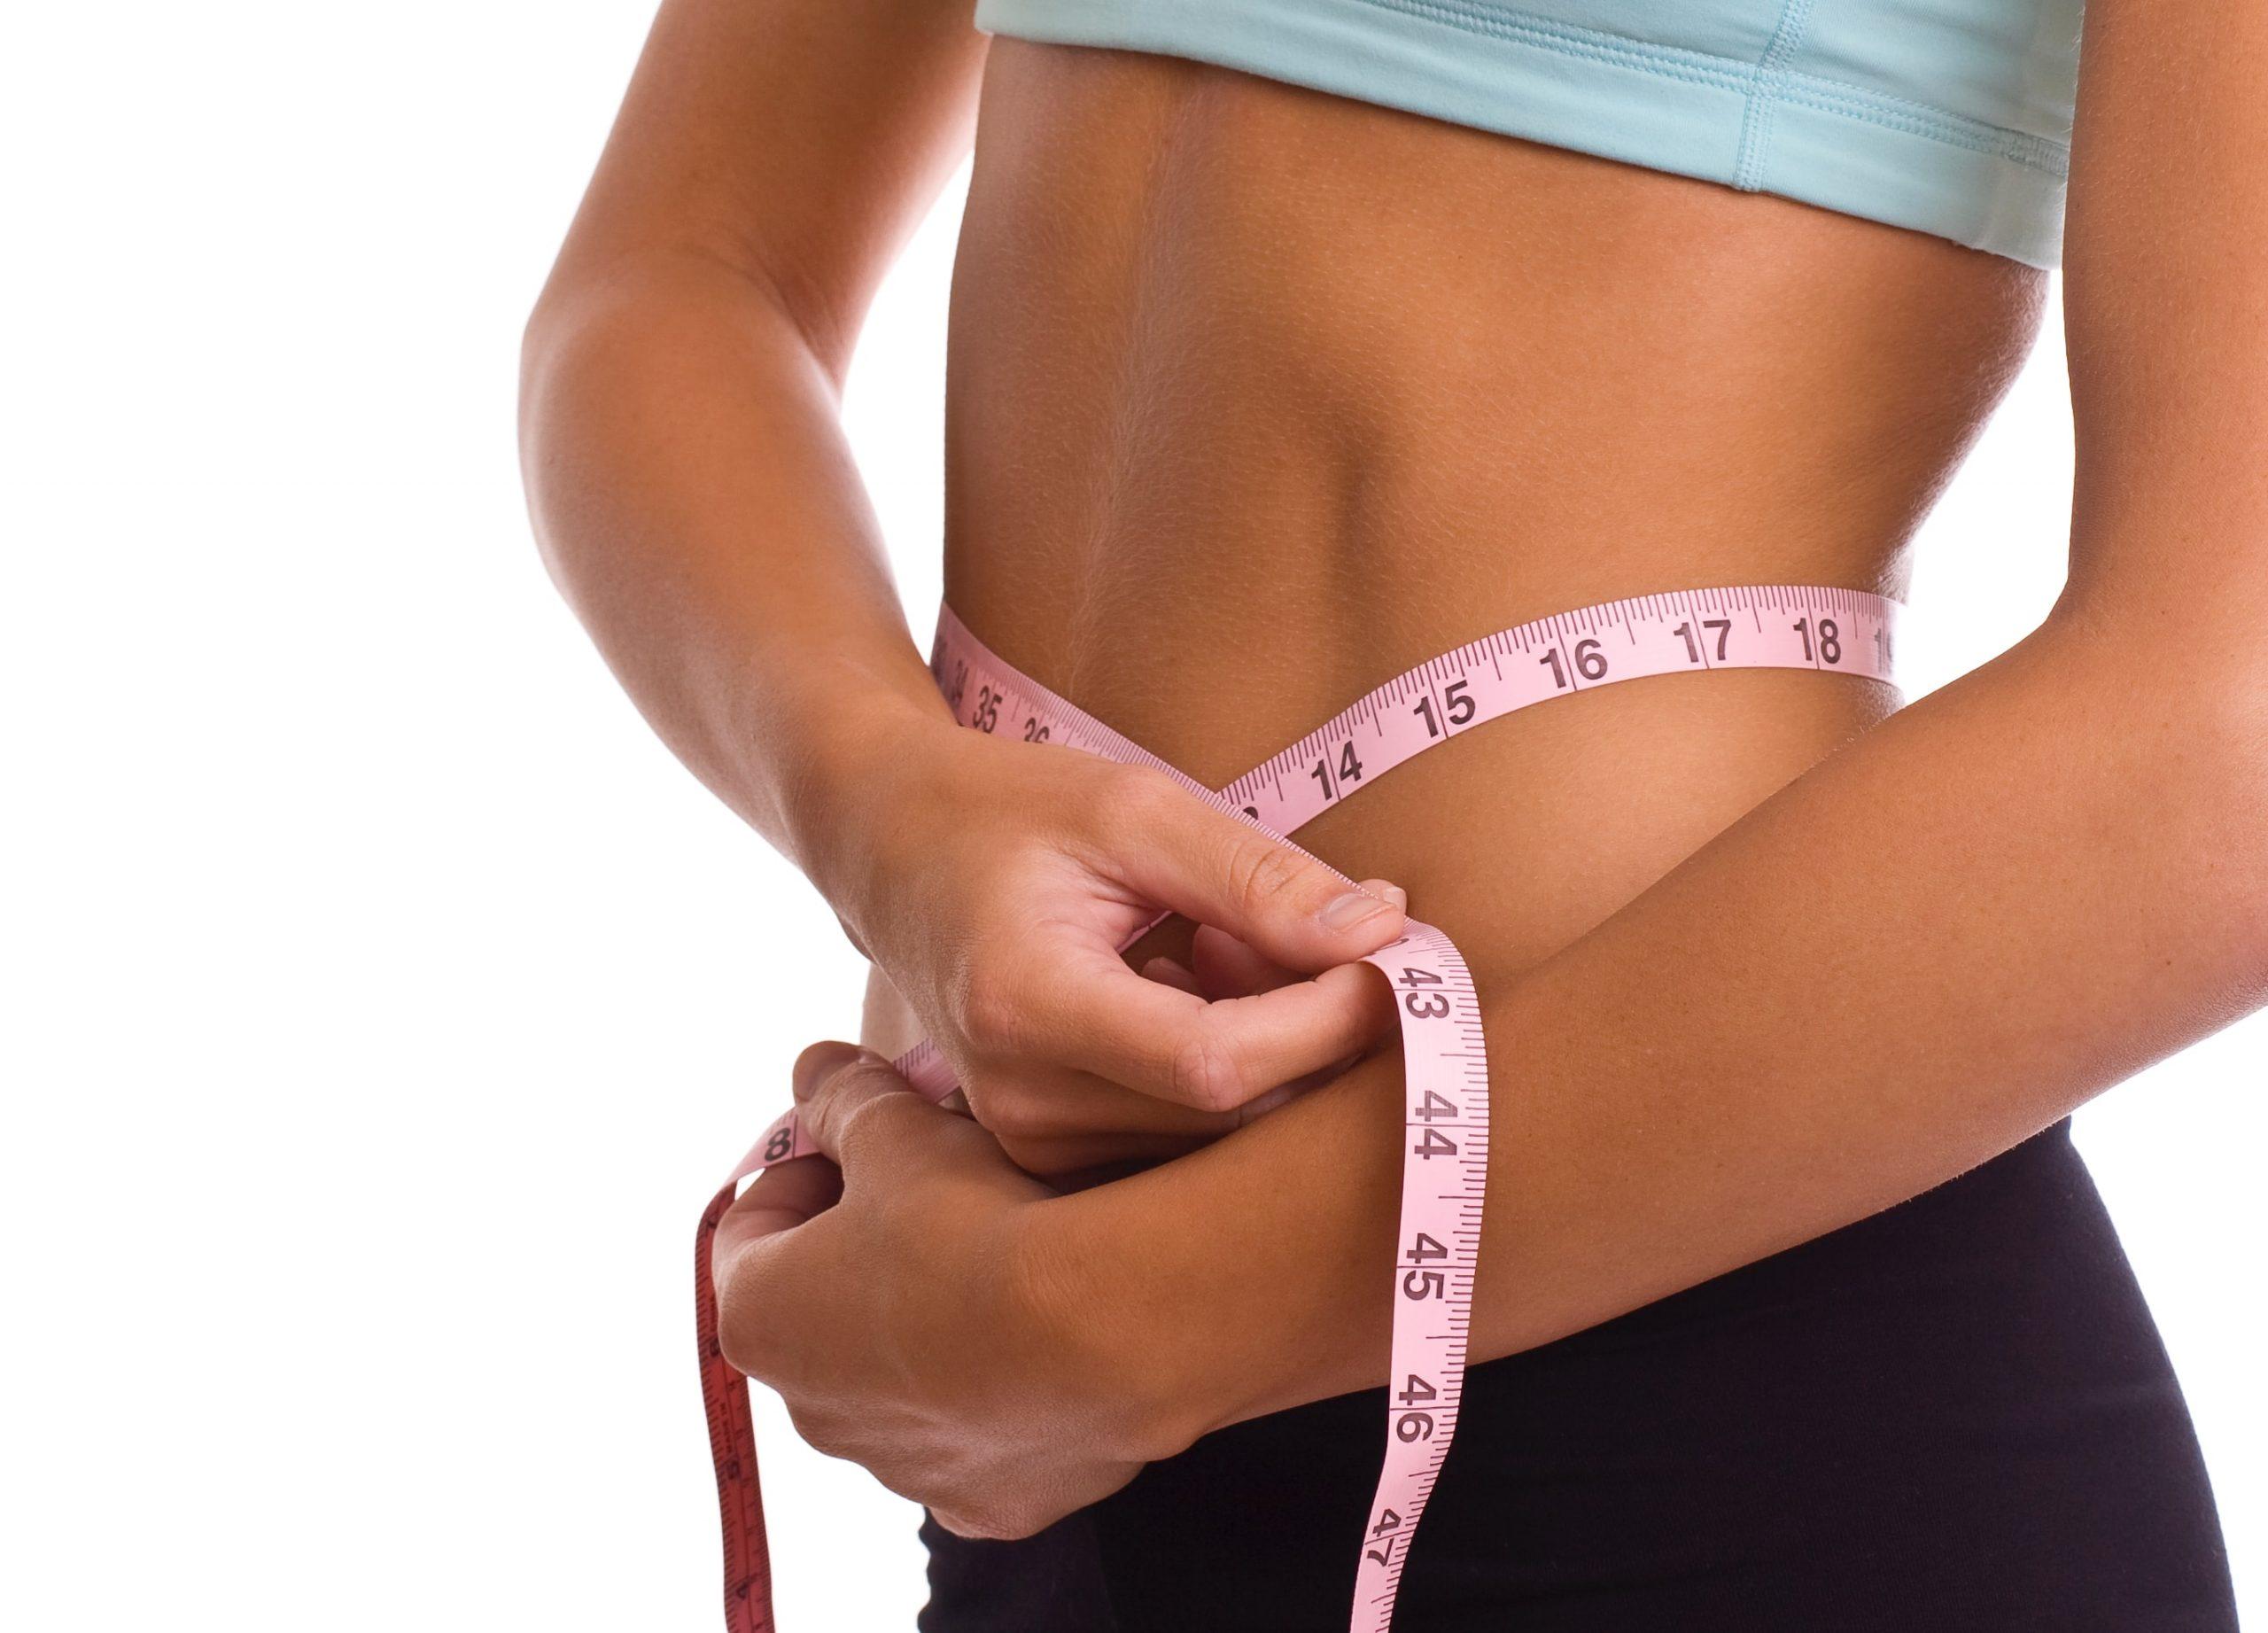 Maigrir rapidement : comment perdre du poids vite ? 1